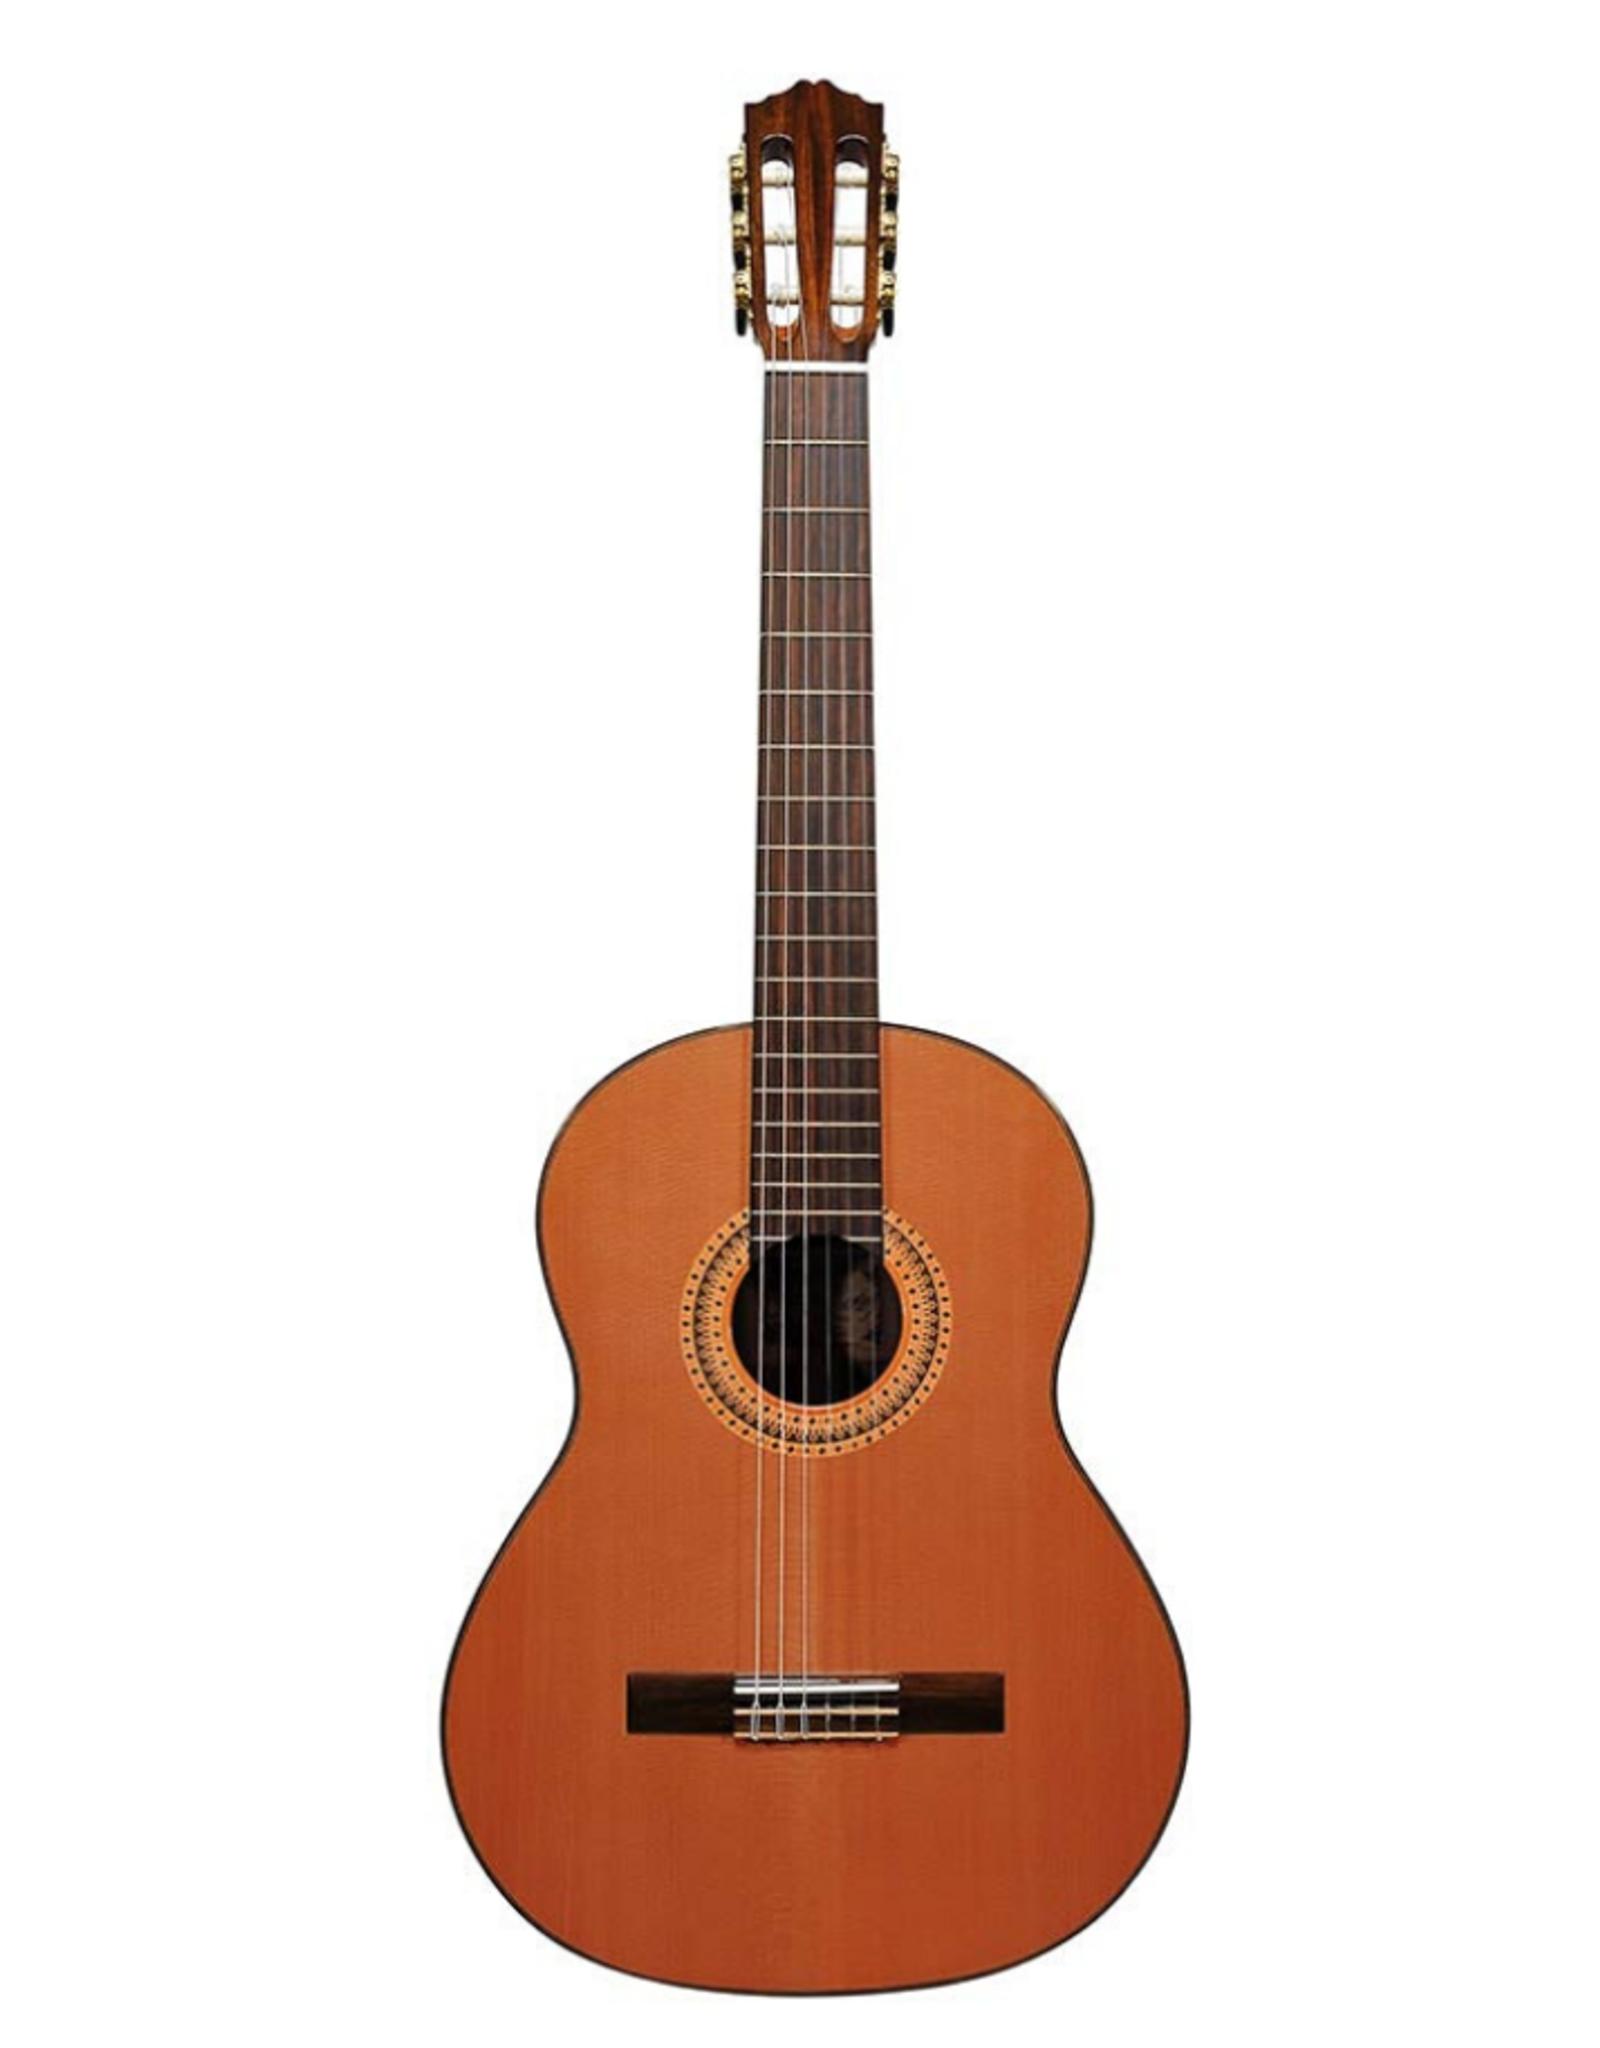 SALVADOR CORTEZ CC-80 All Solid Master Series klassieke gitaar